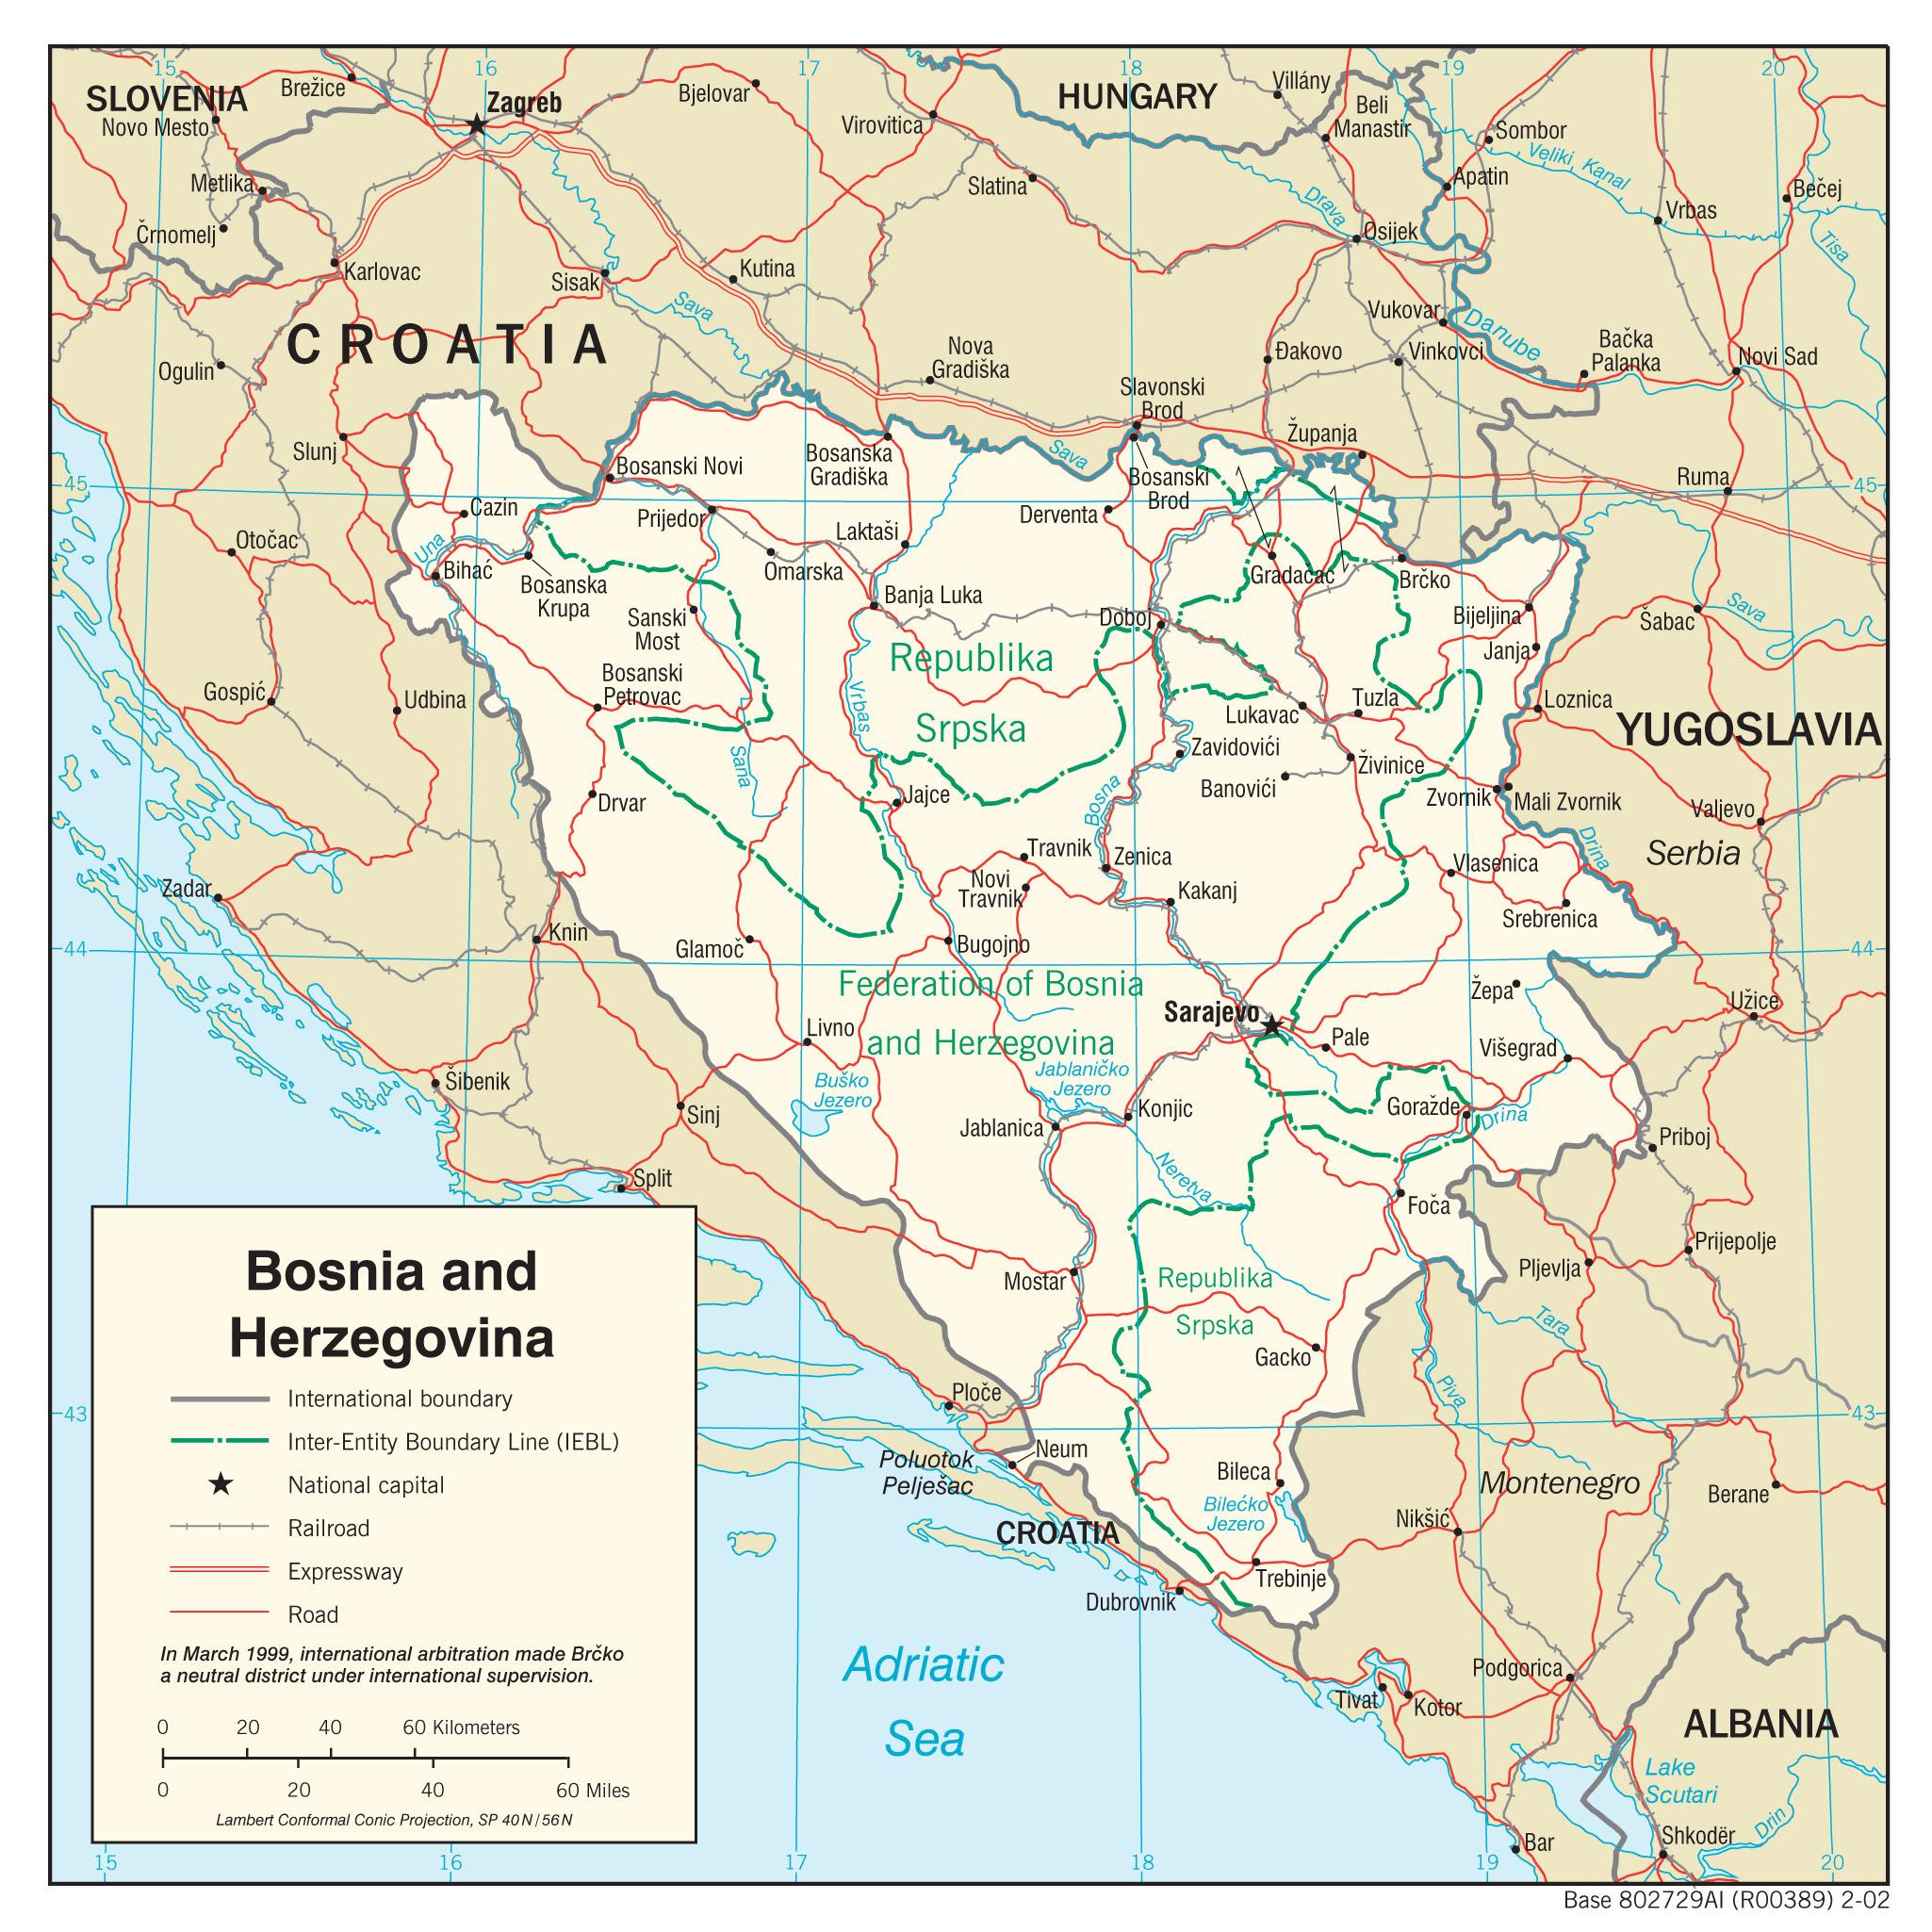 Bosznia Hercegovina Terkep Bosznia Hercegovina Terkepe Del